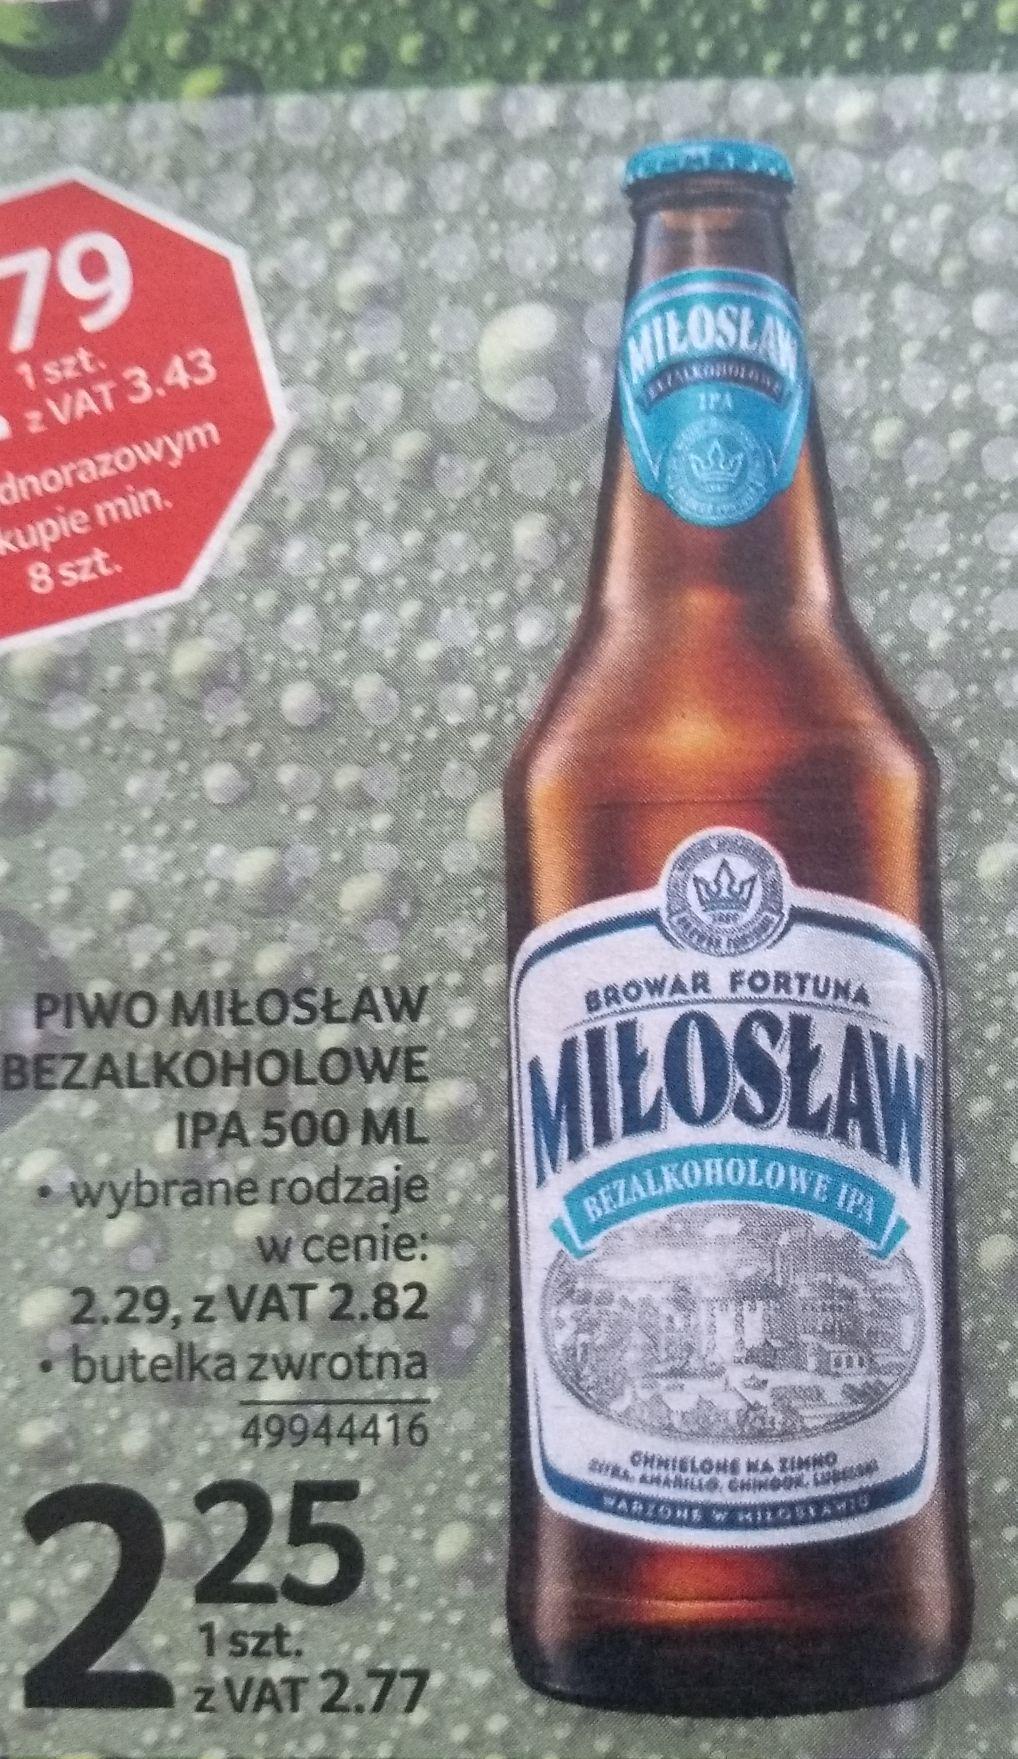 Piwo Miłosław Bezalkoholowe IPA 500ml. Selgros